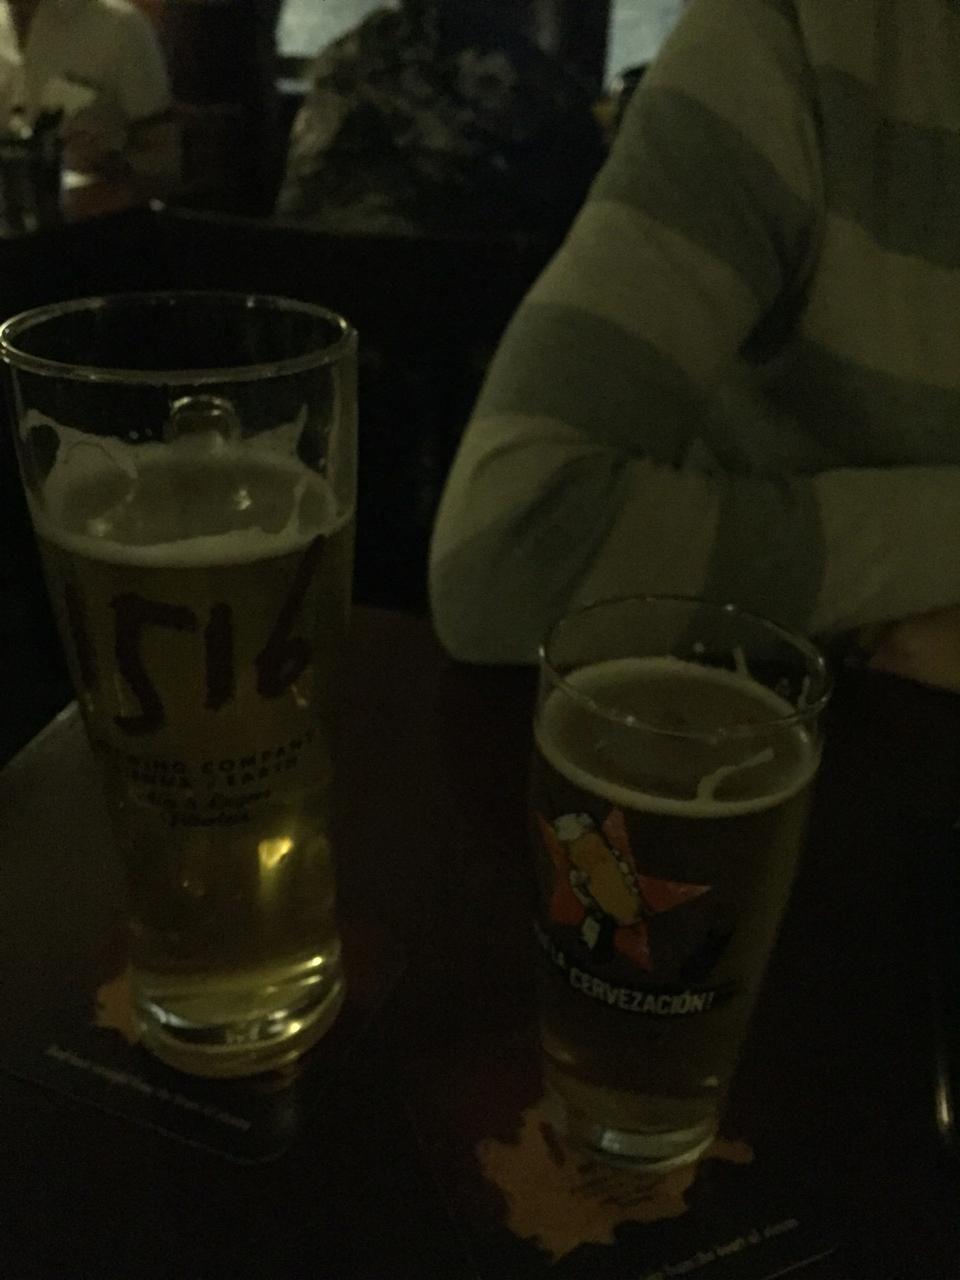 Brewery in Bécs, Wien